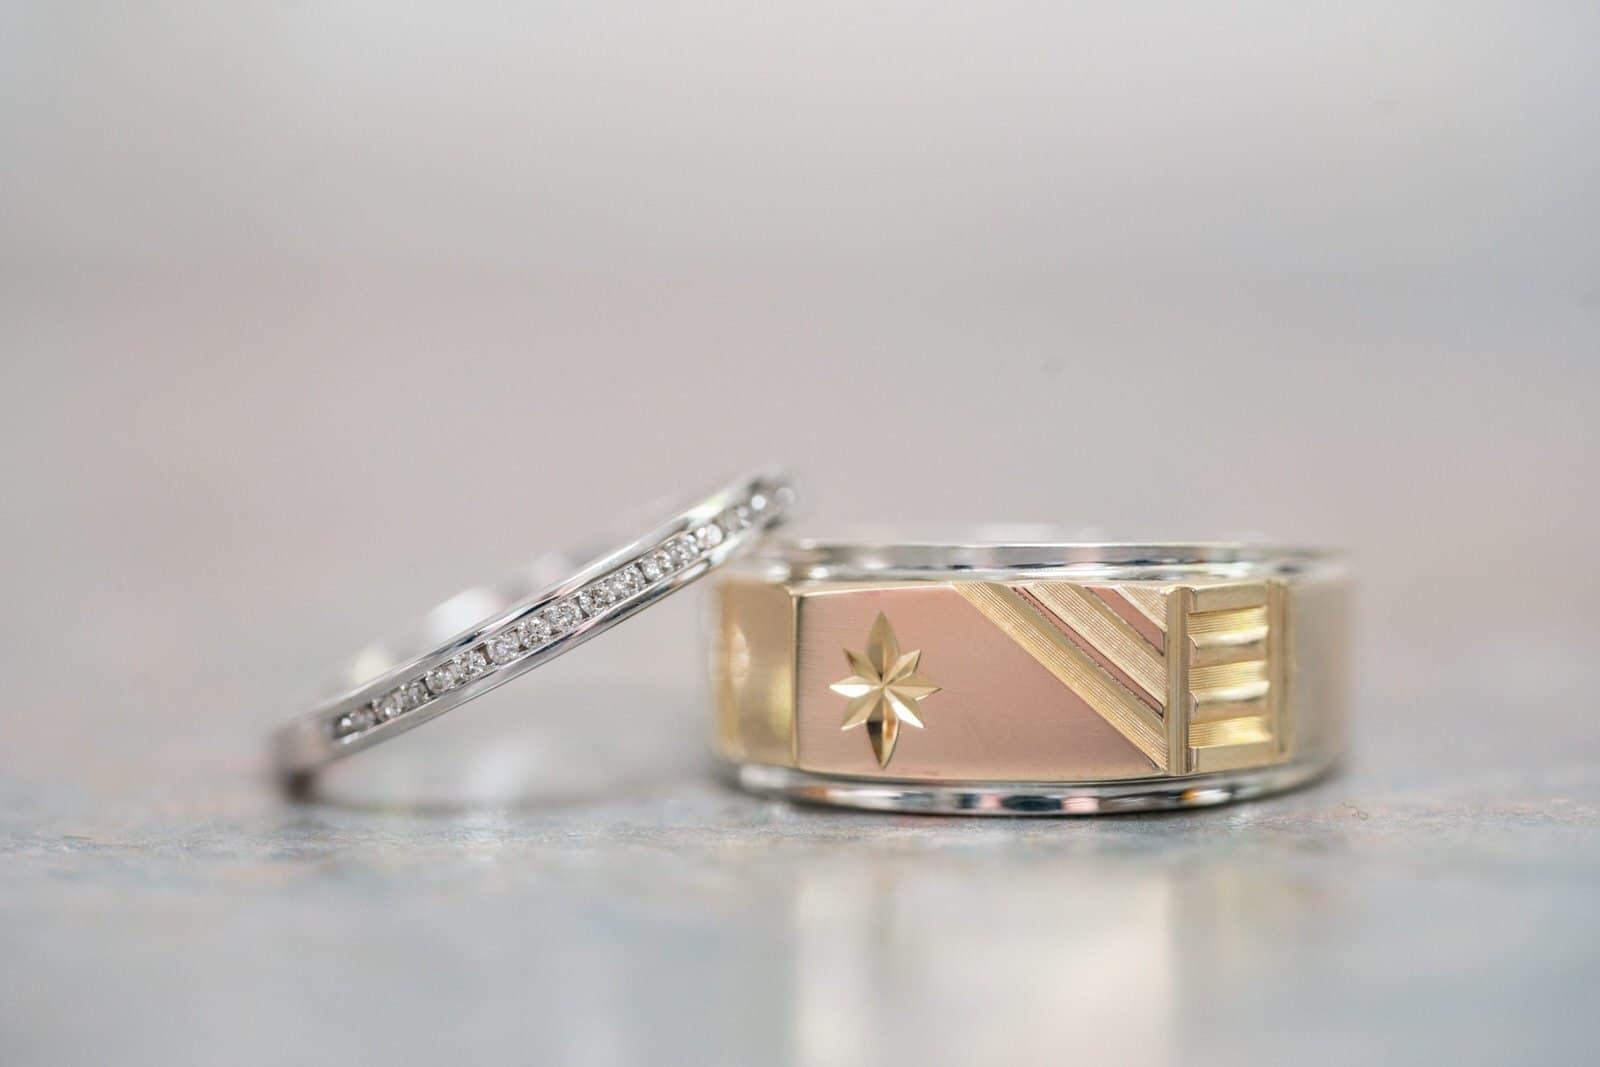 Chateau Wyuna Wedding ring details